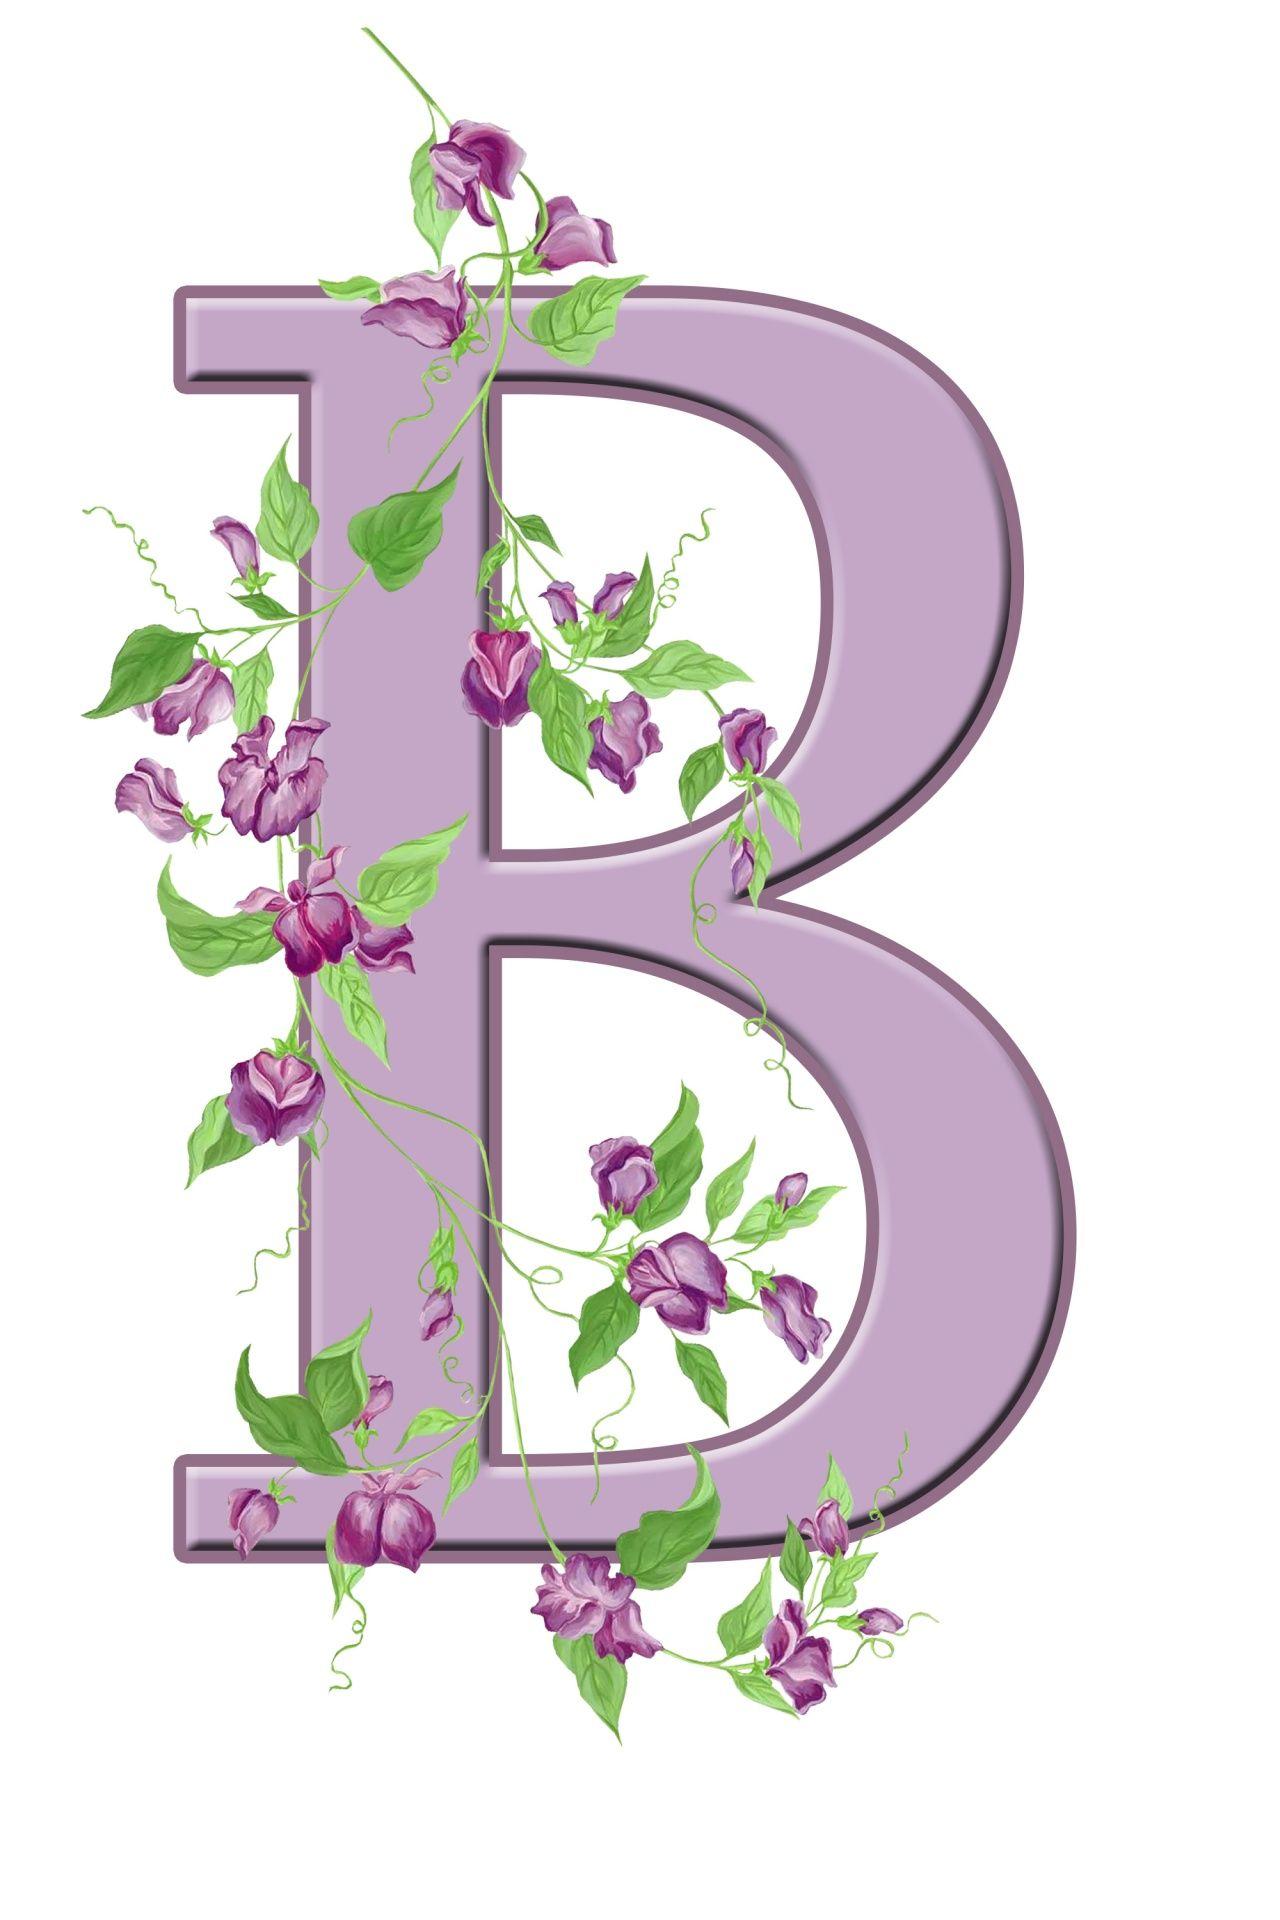 B&q Kitchen Tiles Ideas Part - 23: Buchstabe / Letter - B (Blumen / Flowers)